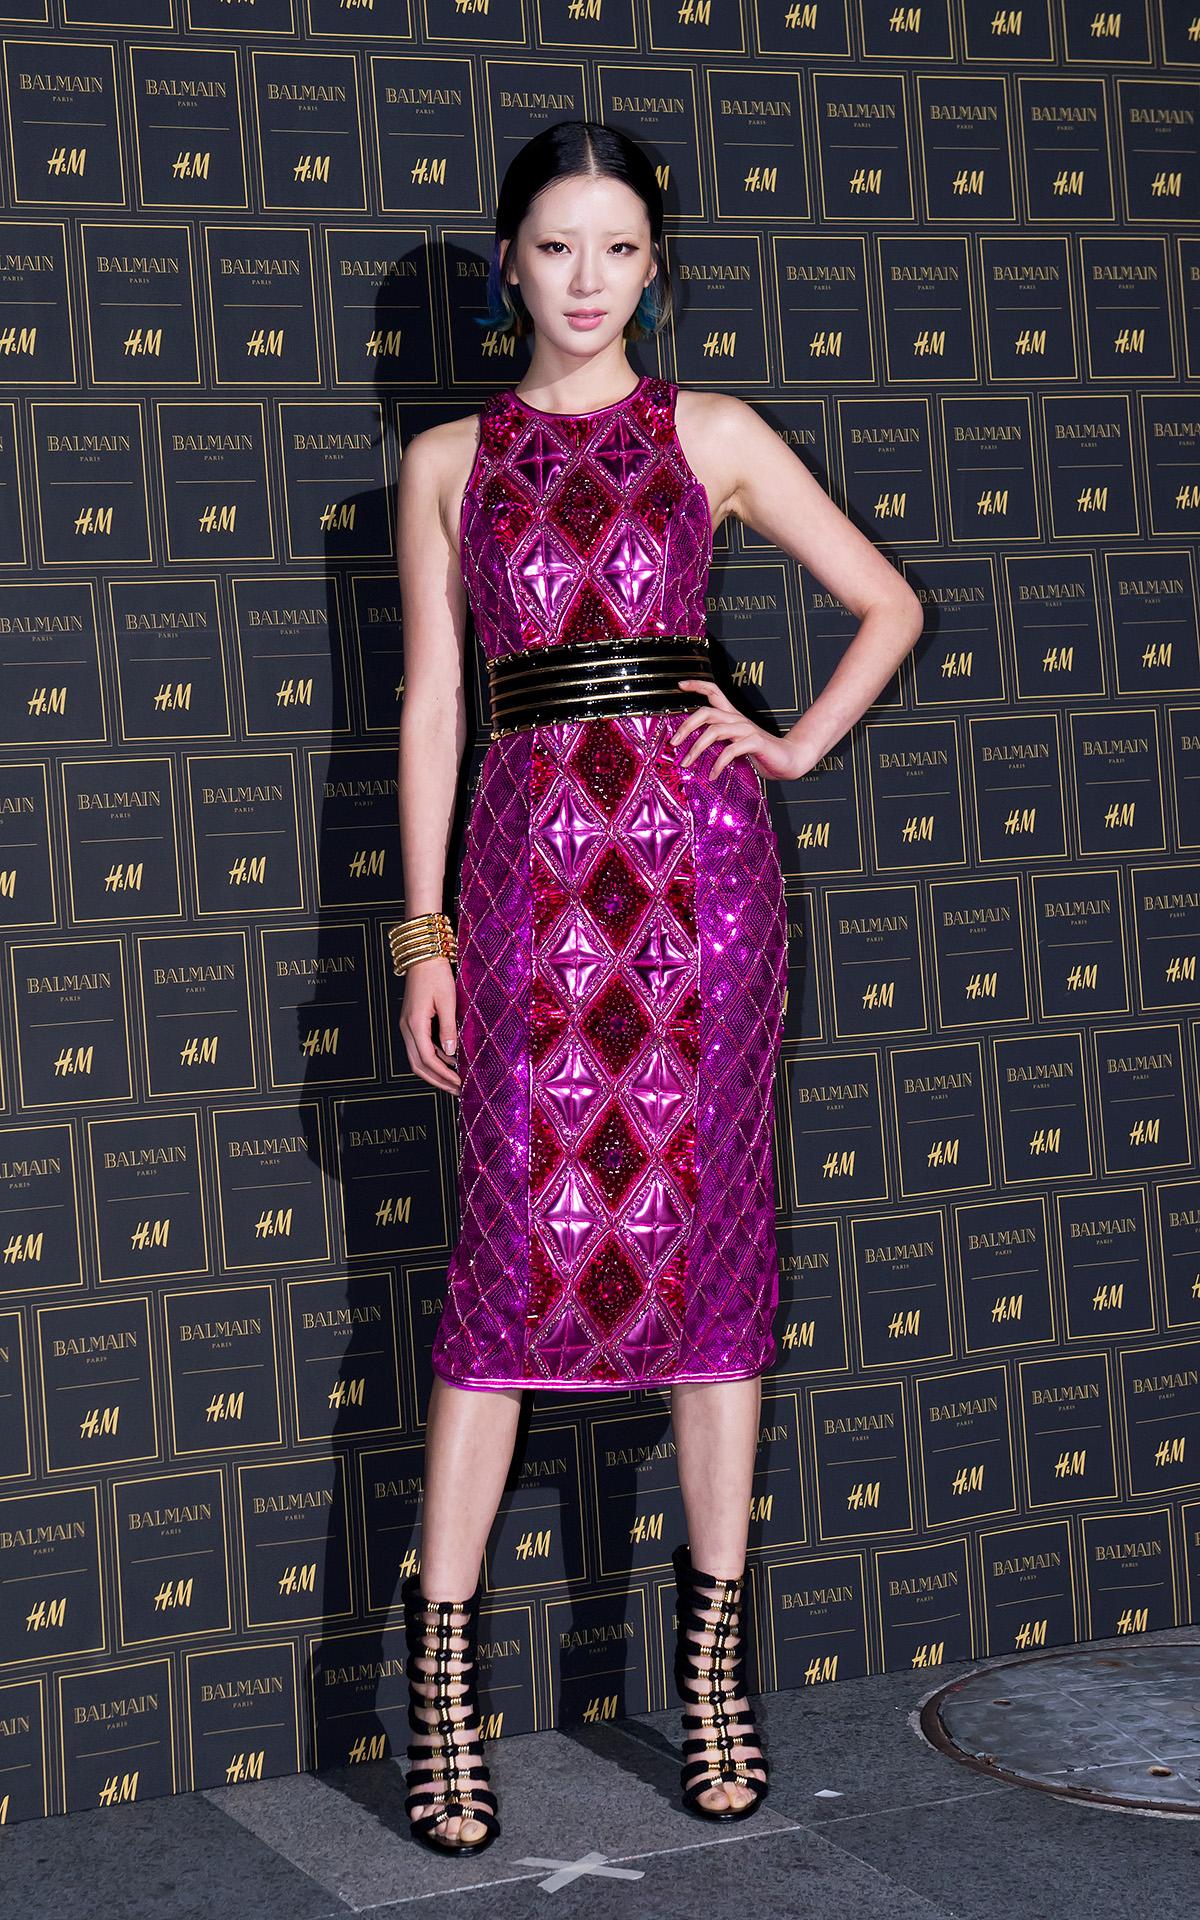 超模Irene Kim一襲桃紅色的連身設計裙款,簡單又大方,絕對是集結眾人目光的Party Look!